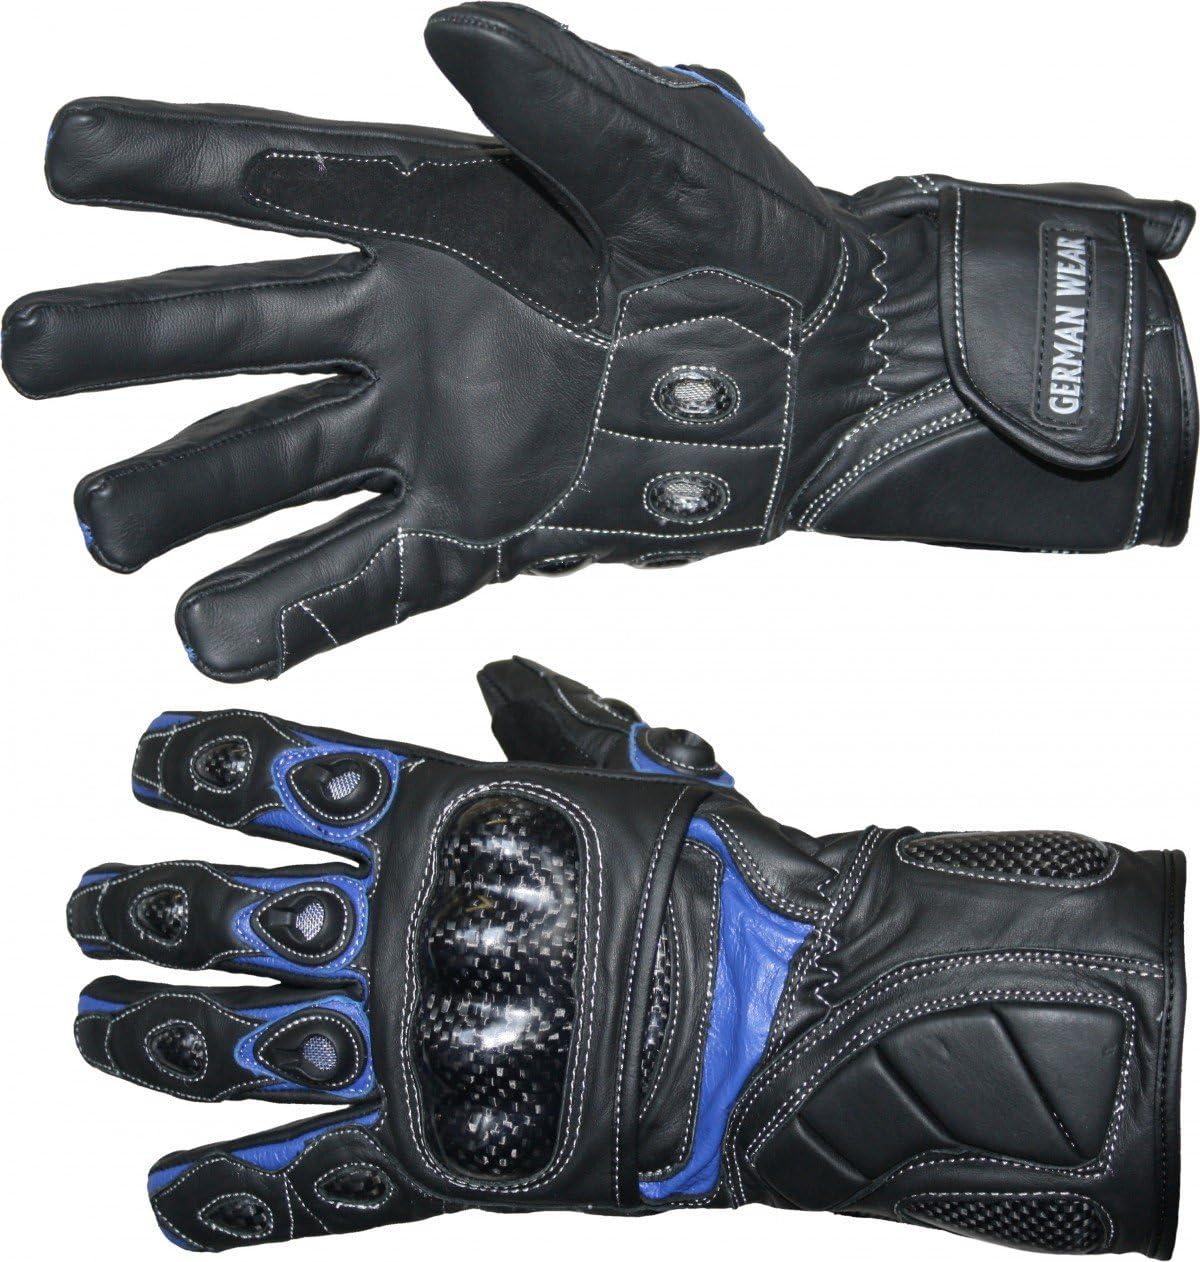 German Wear Motorradhandschuhe Motorrad Biker Handschuhe Lederhandschuhe Größe 9 L Farbe Blau Auto